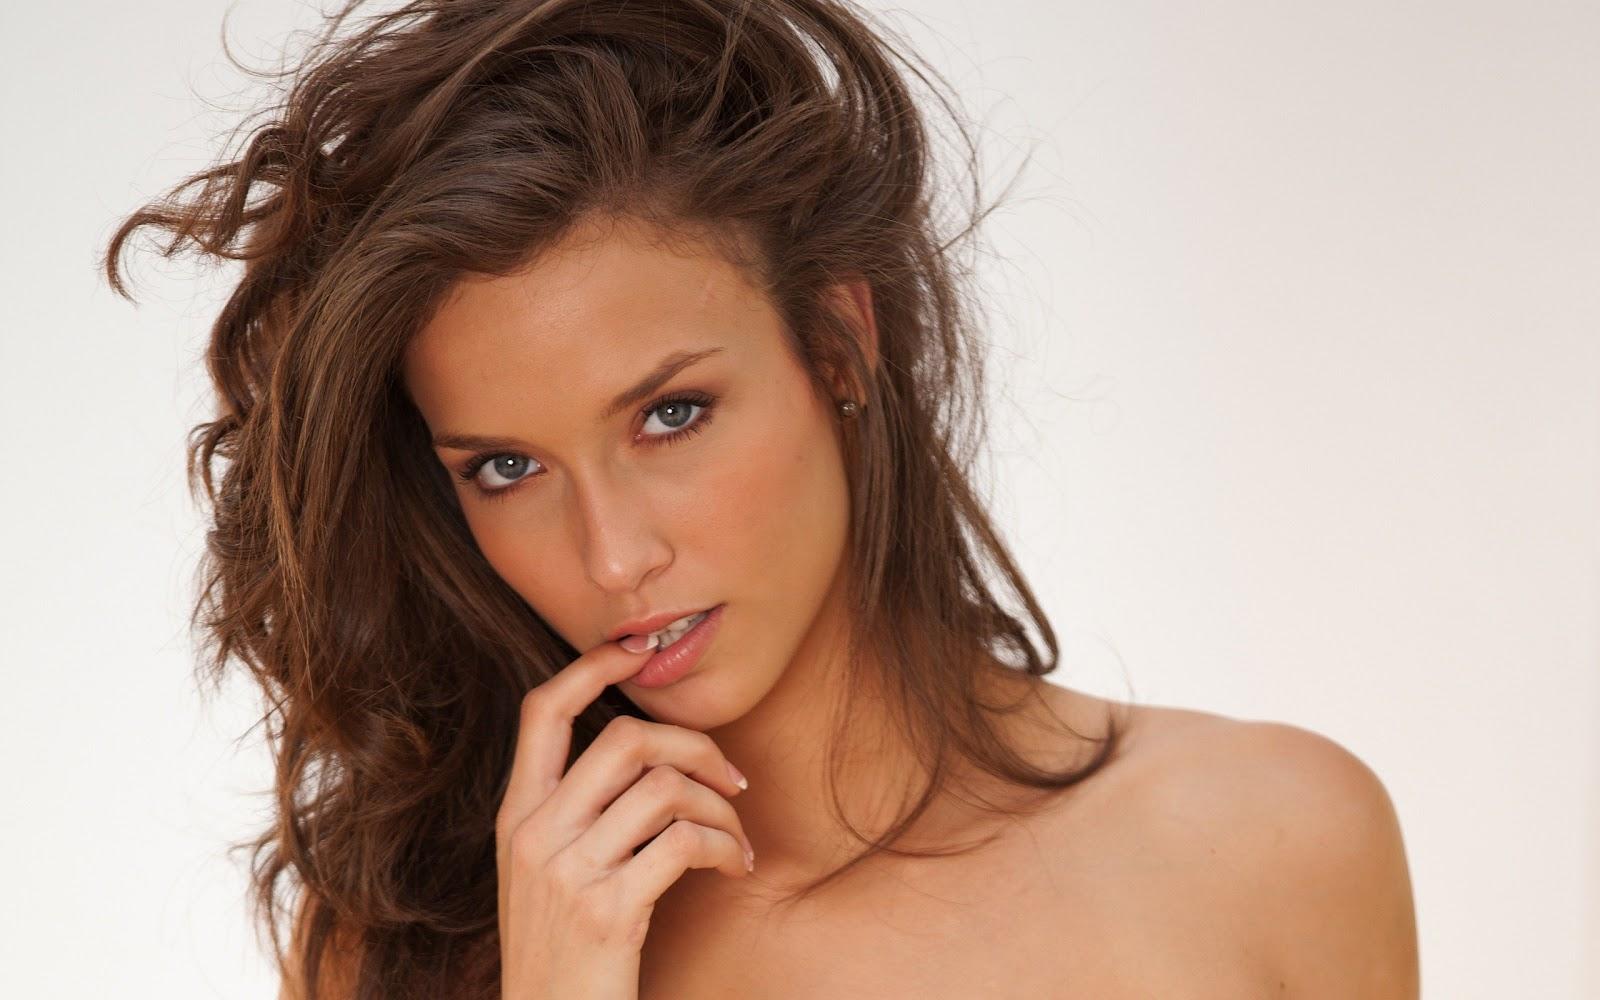 http://2.bp.blogspot.com/-BM4BuThS8Jk/T5HE2DwqdTI/AAAAAAAALTA/OYpUNpUMNaQ/s1600/Malena%20Morgan%20Hot%20Pictures%20(24).jpg